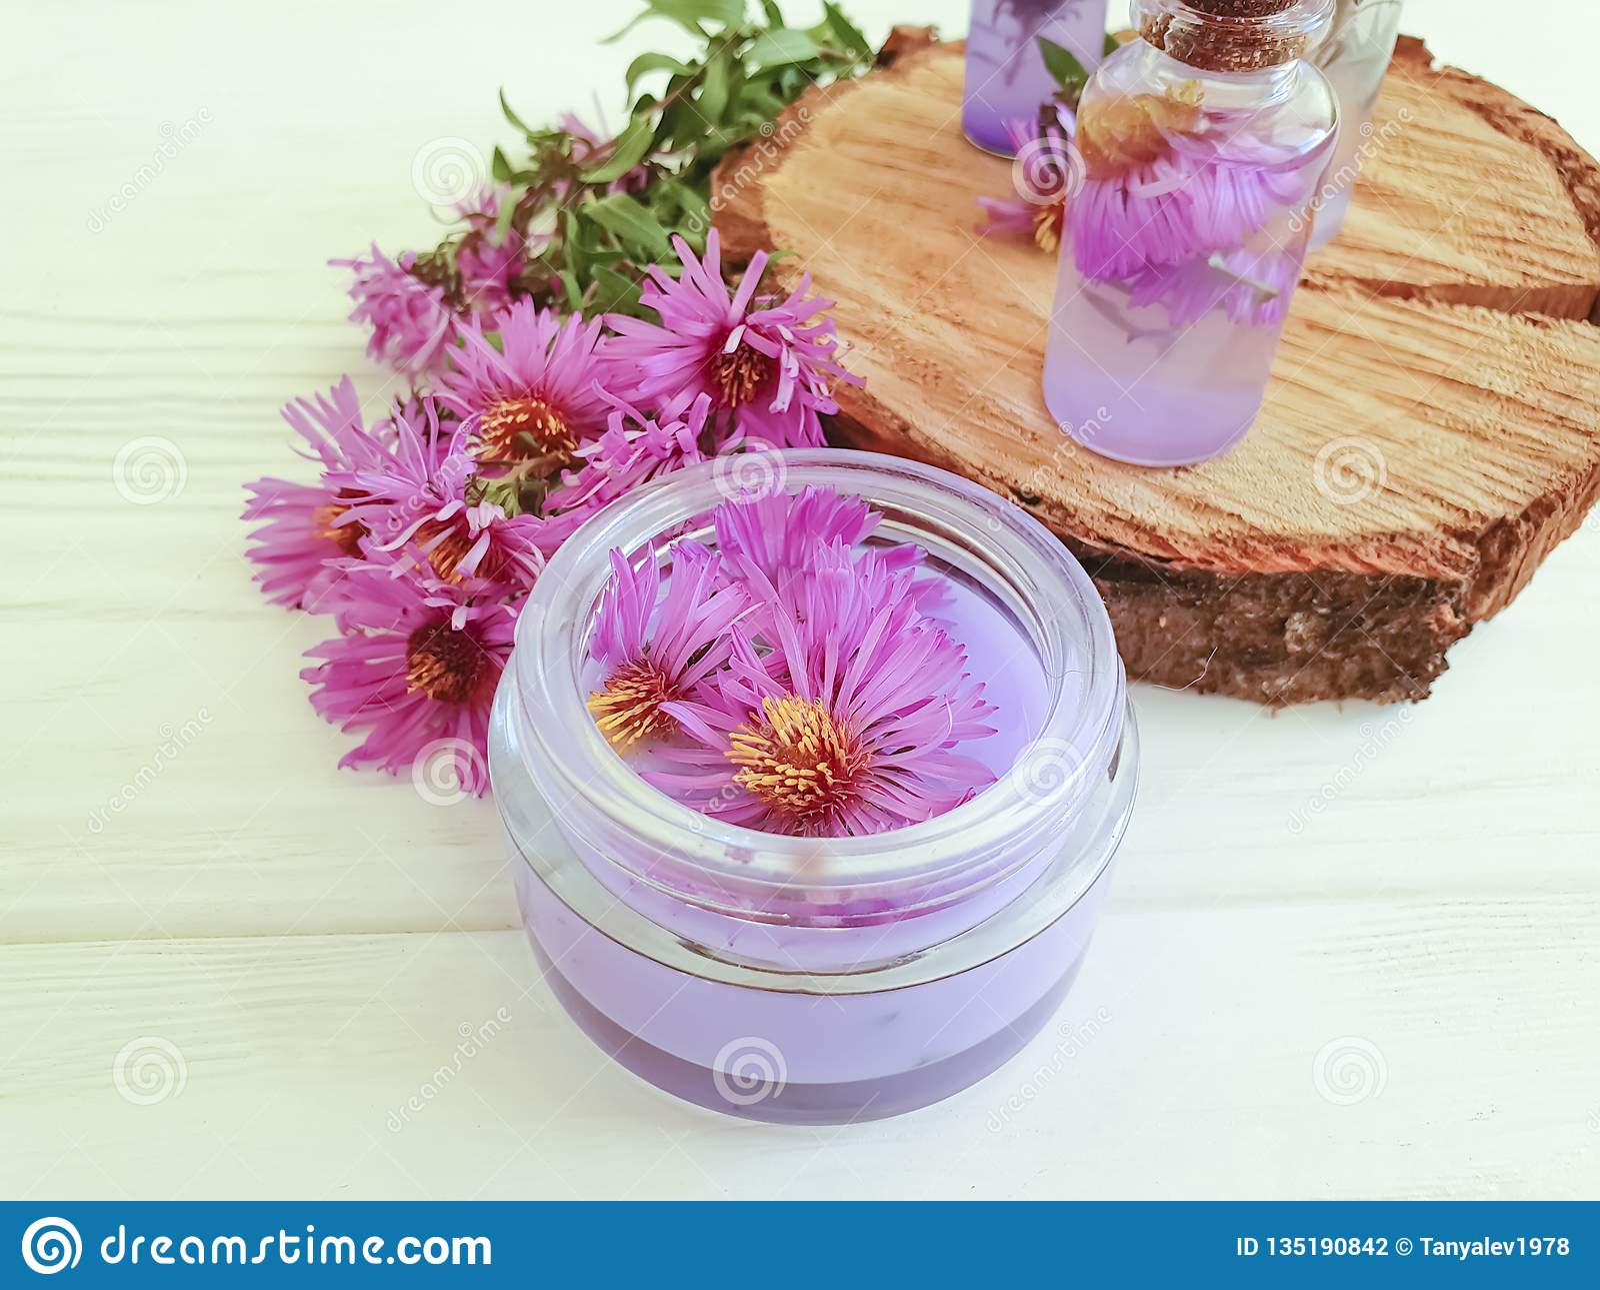 Crème cosmétique, extrait, fleur de chrysanthème sur un fond en bois blanc